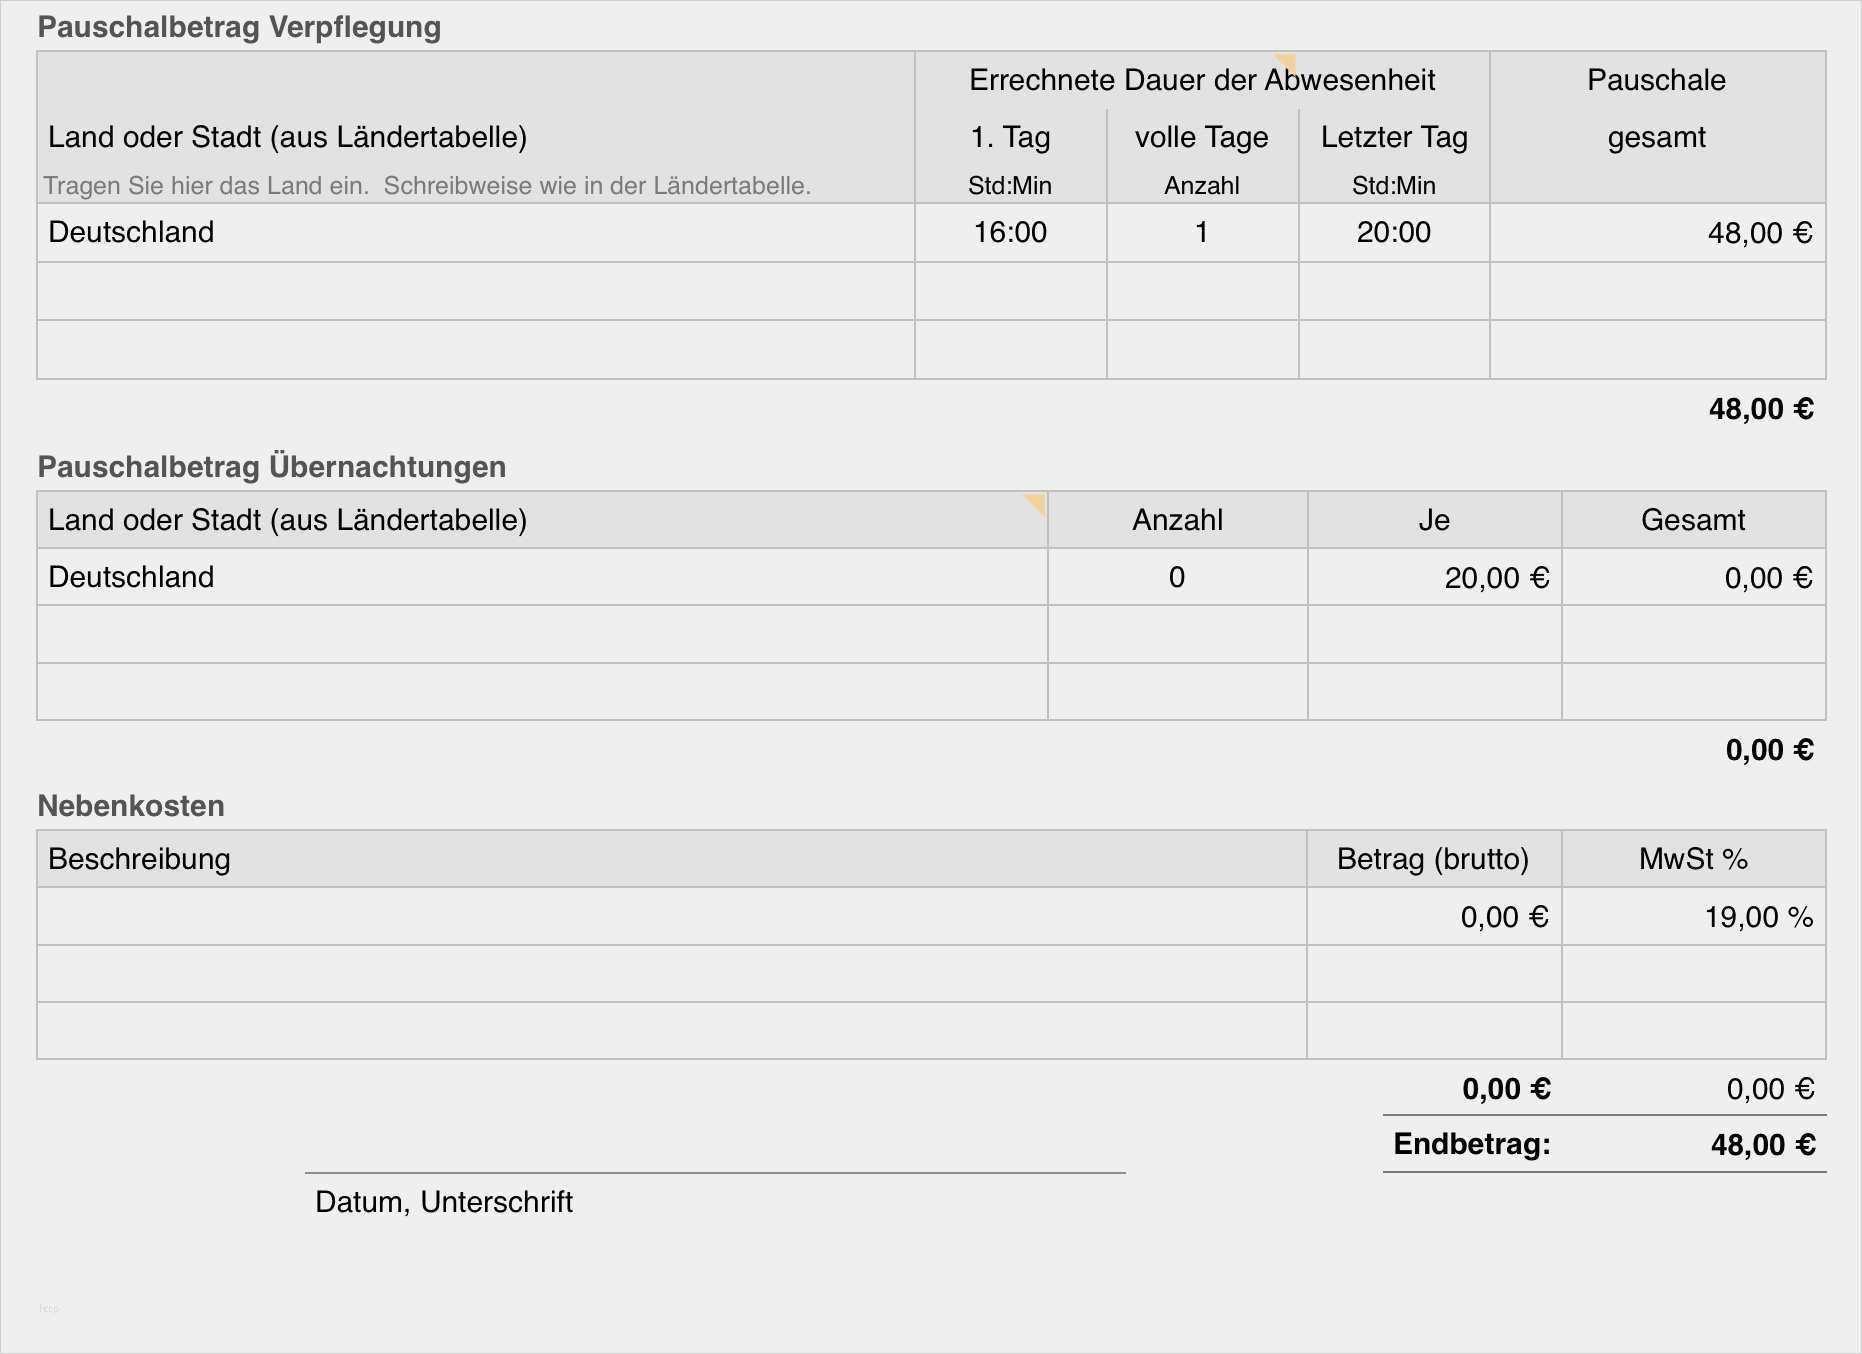 36 Erstaunlich Km Abrechnung Vorlage Excel Galerie In 2020 Vorlagen Vorlagen Word Bewerbung Schreiben